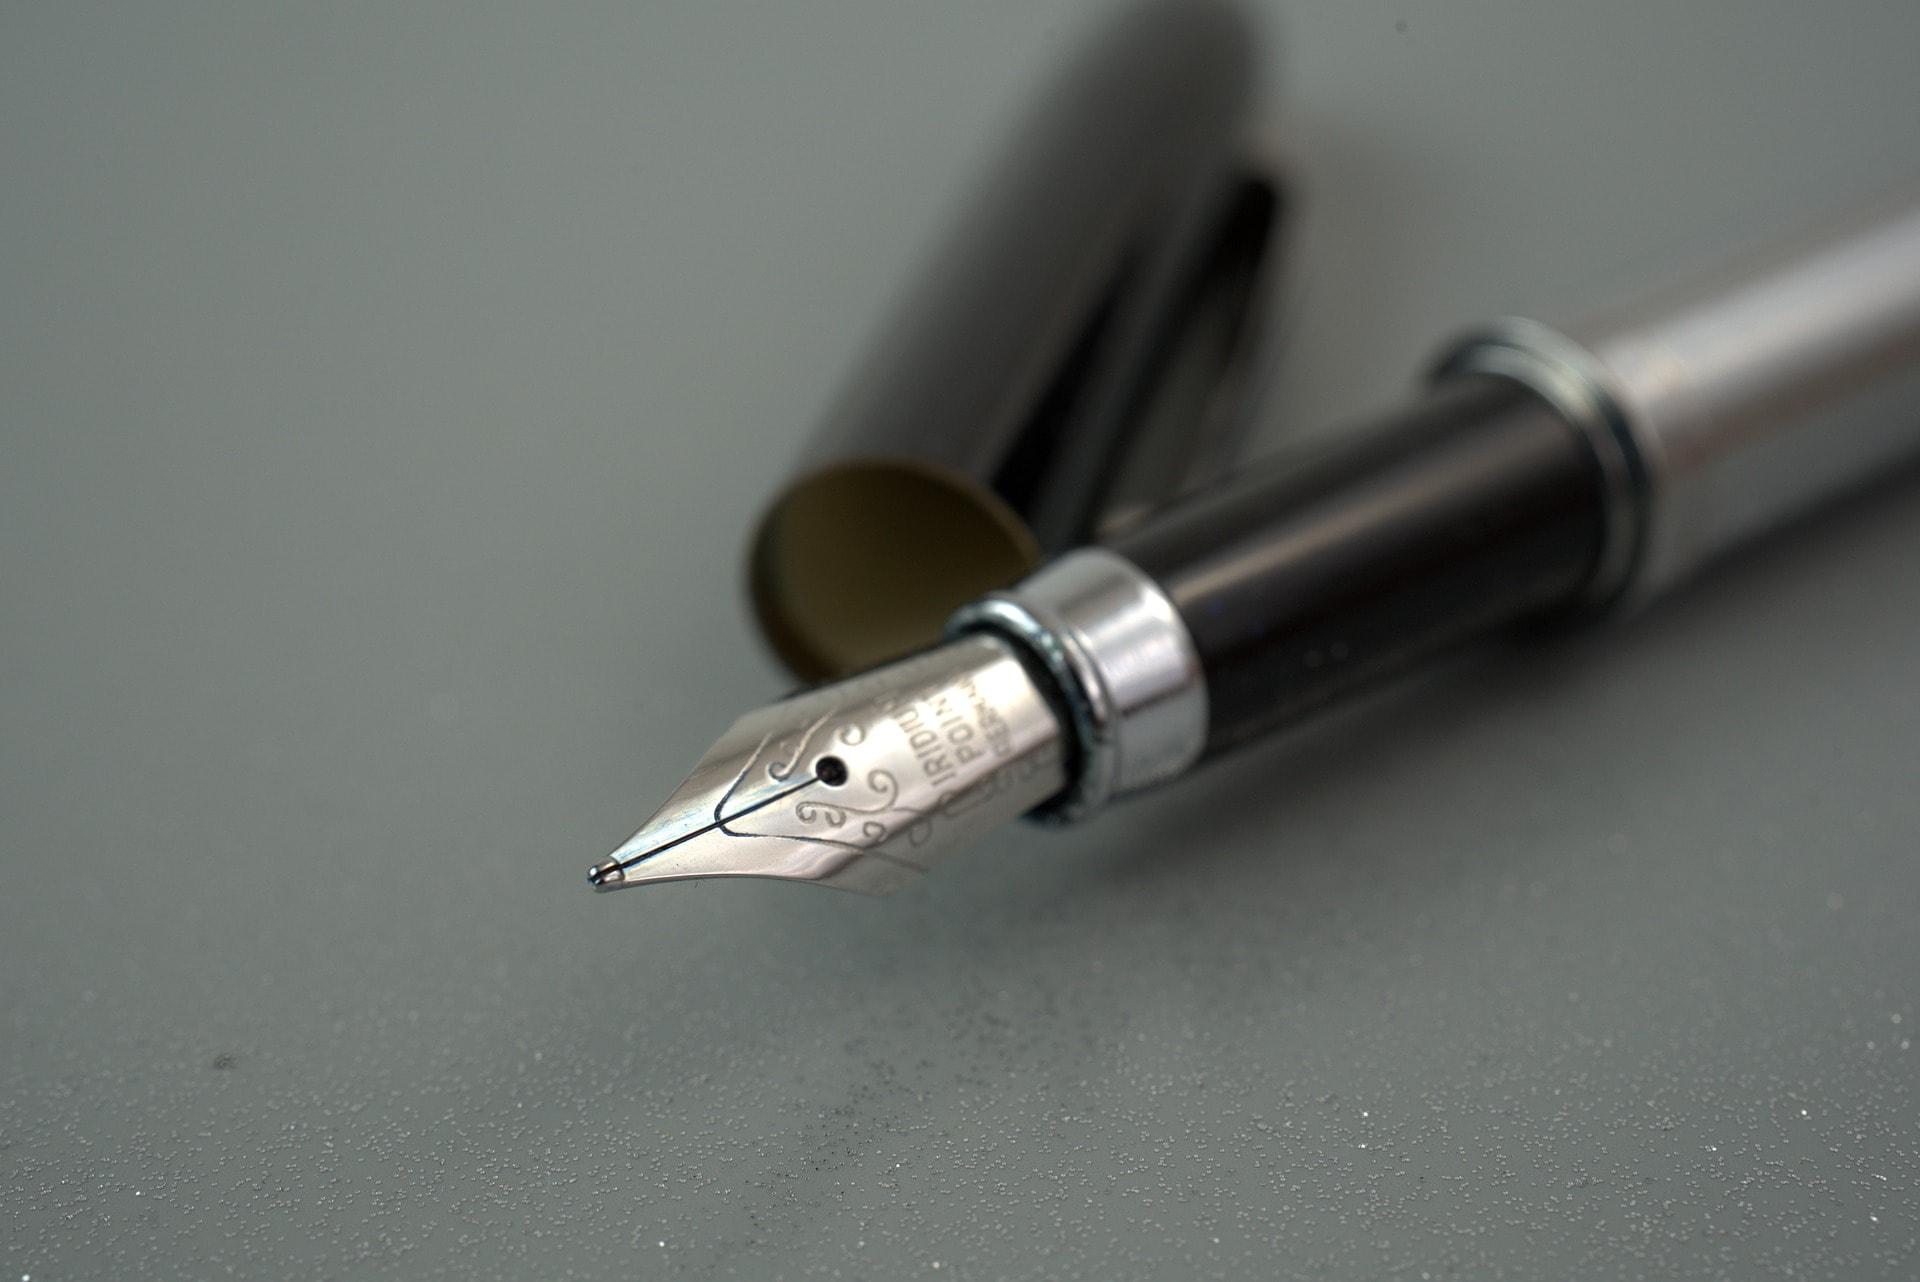 Ein offener schwarz-grauer Füller